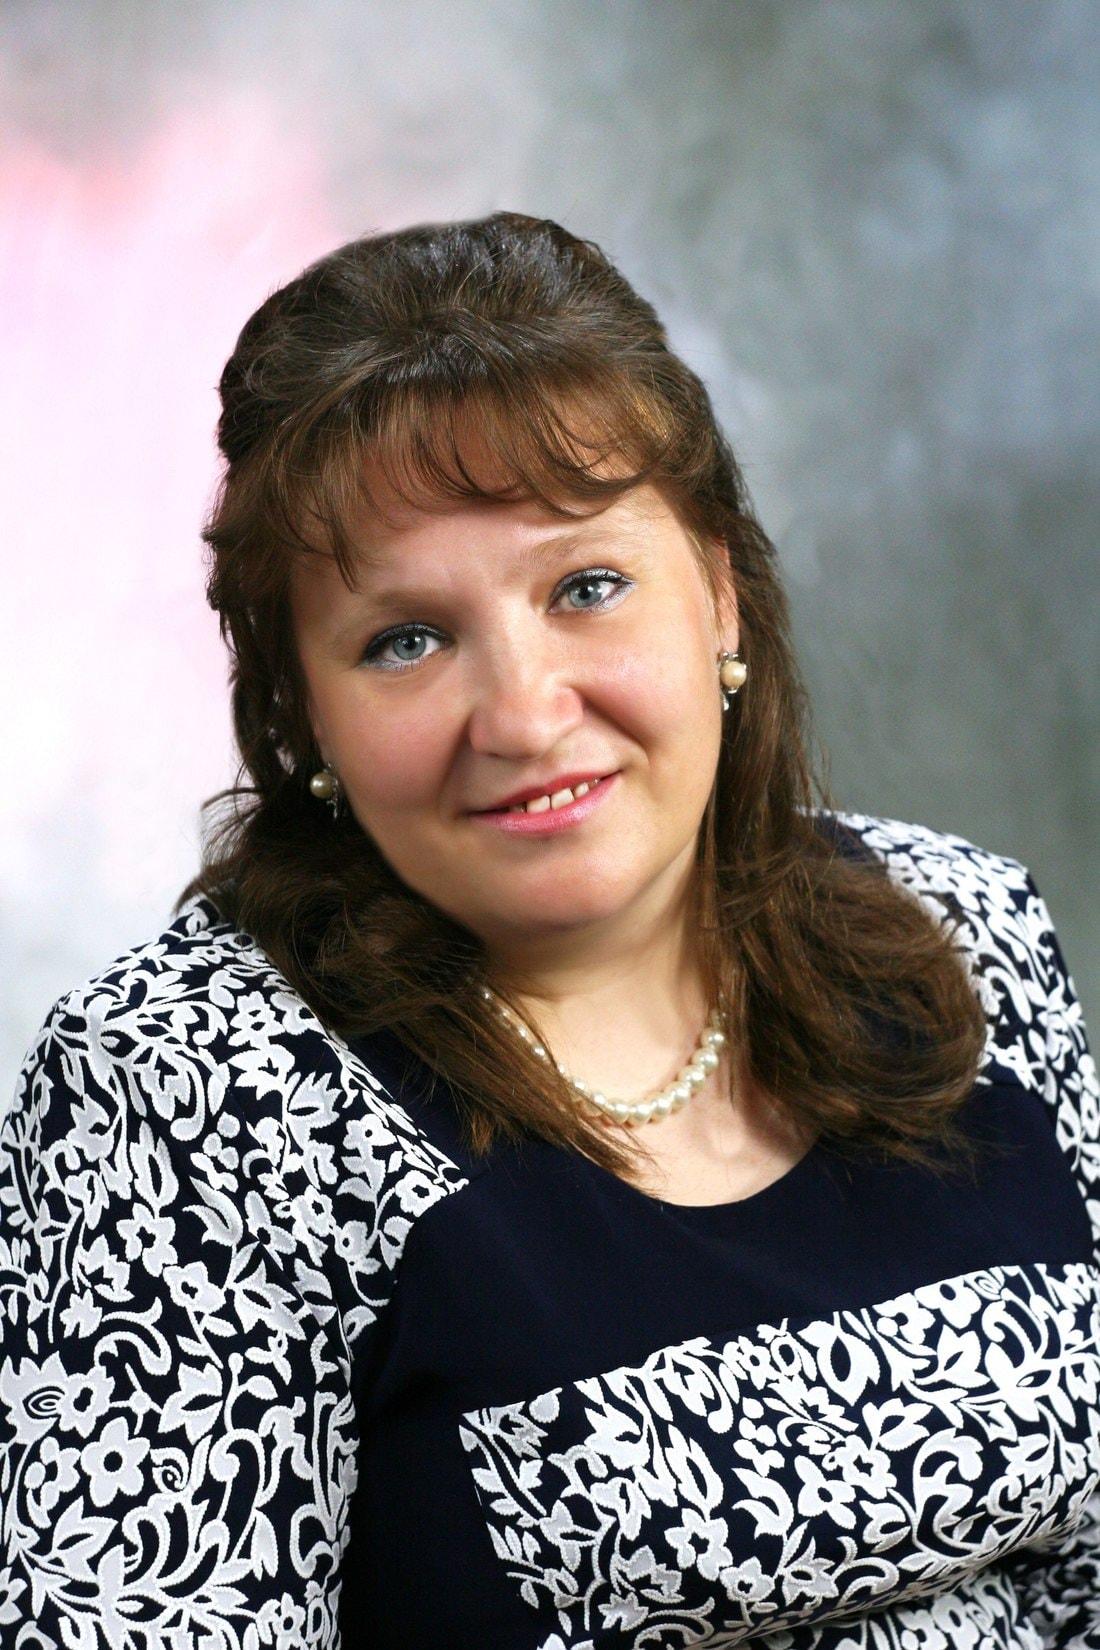 «Маме не выдали ни масок, ни очков». Дочь 47-летней медсестры из Витебска рассказала о трагедии